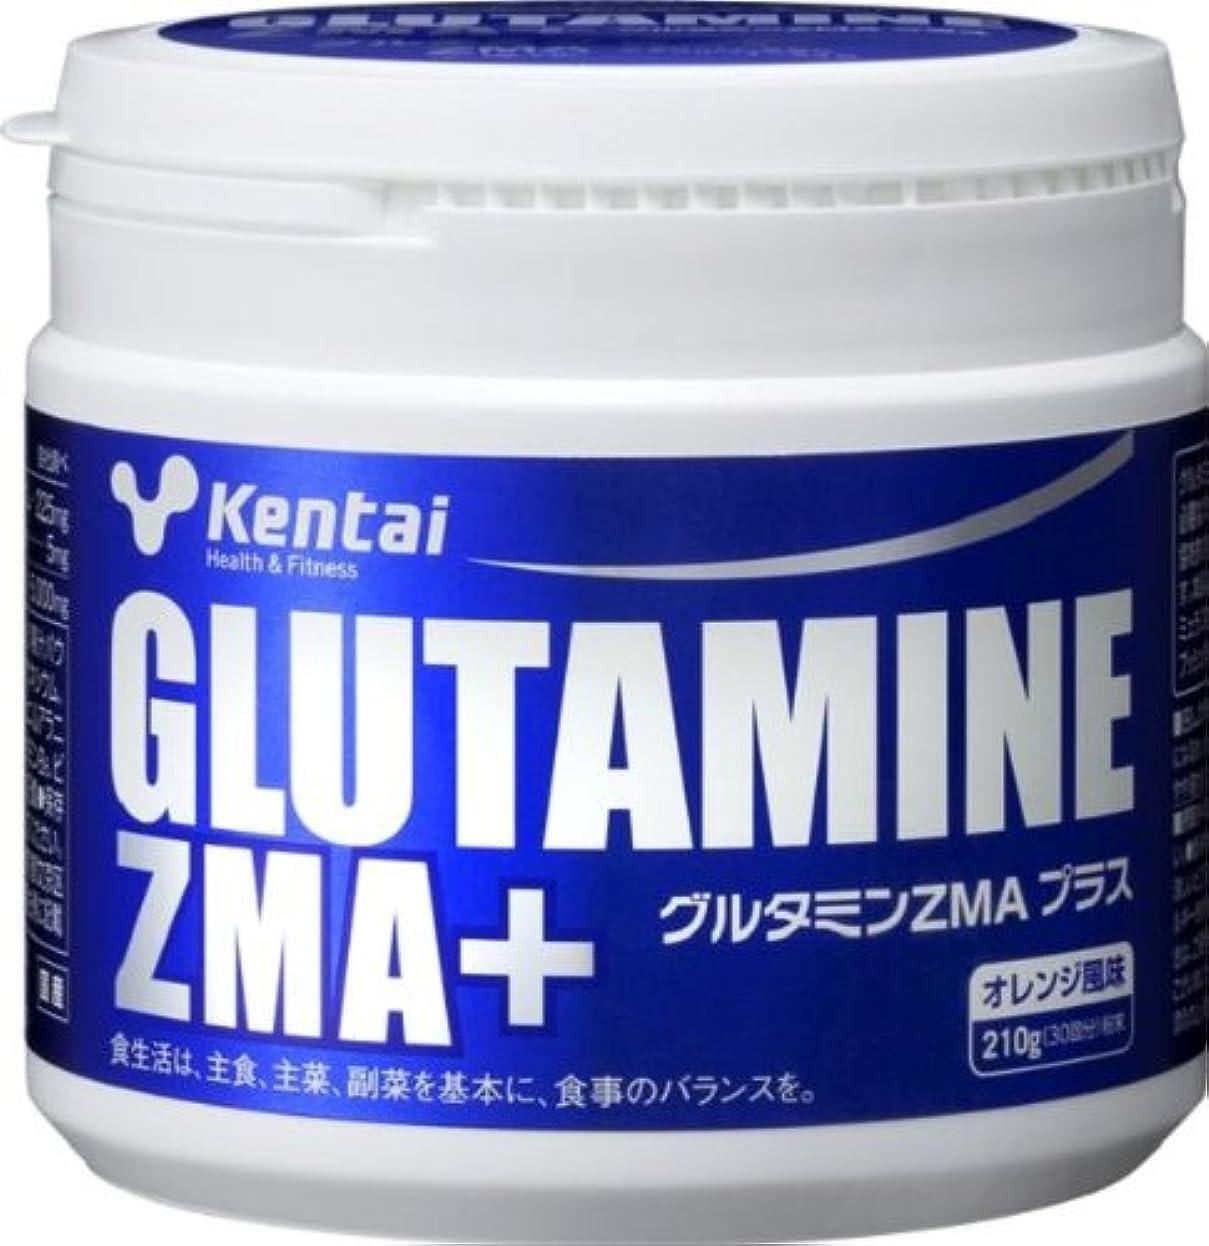 うがい薬説明する咽頭Kentai グルタミンZMAプラス オレンジ 210g